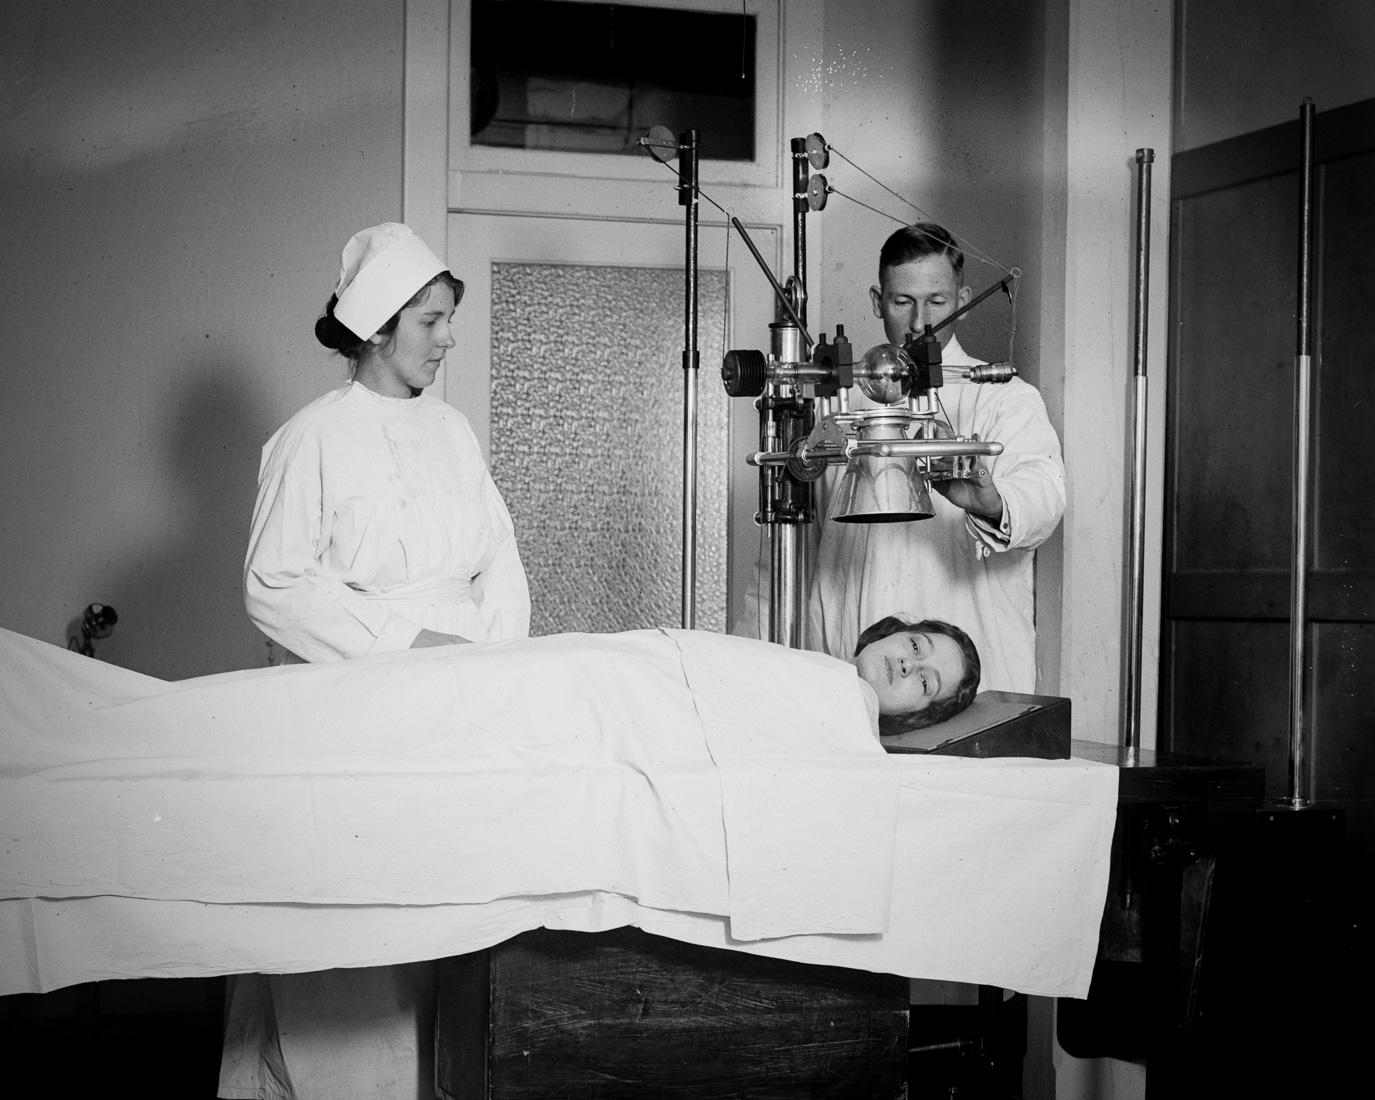 Персонал больницы делает рентгеновский снимок головы пациента, США, 1920 год.